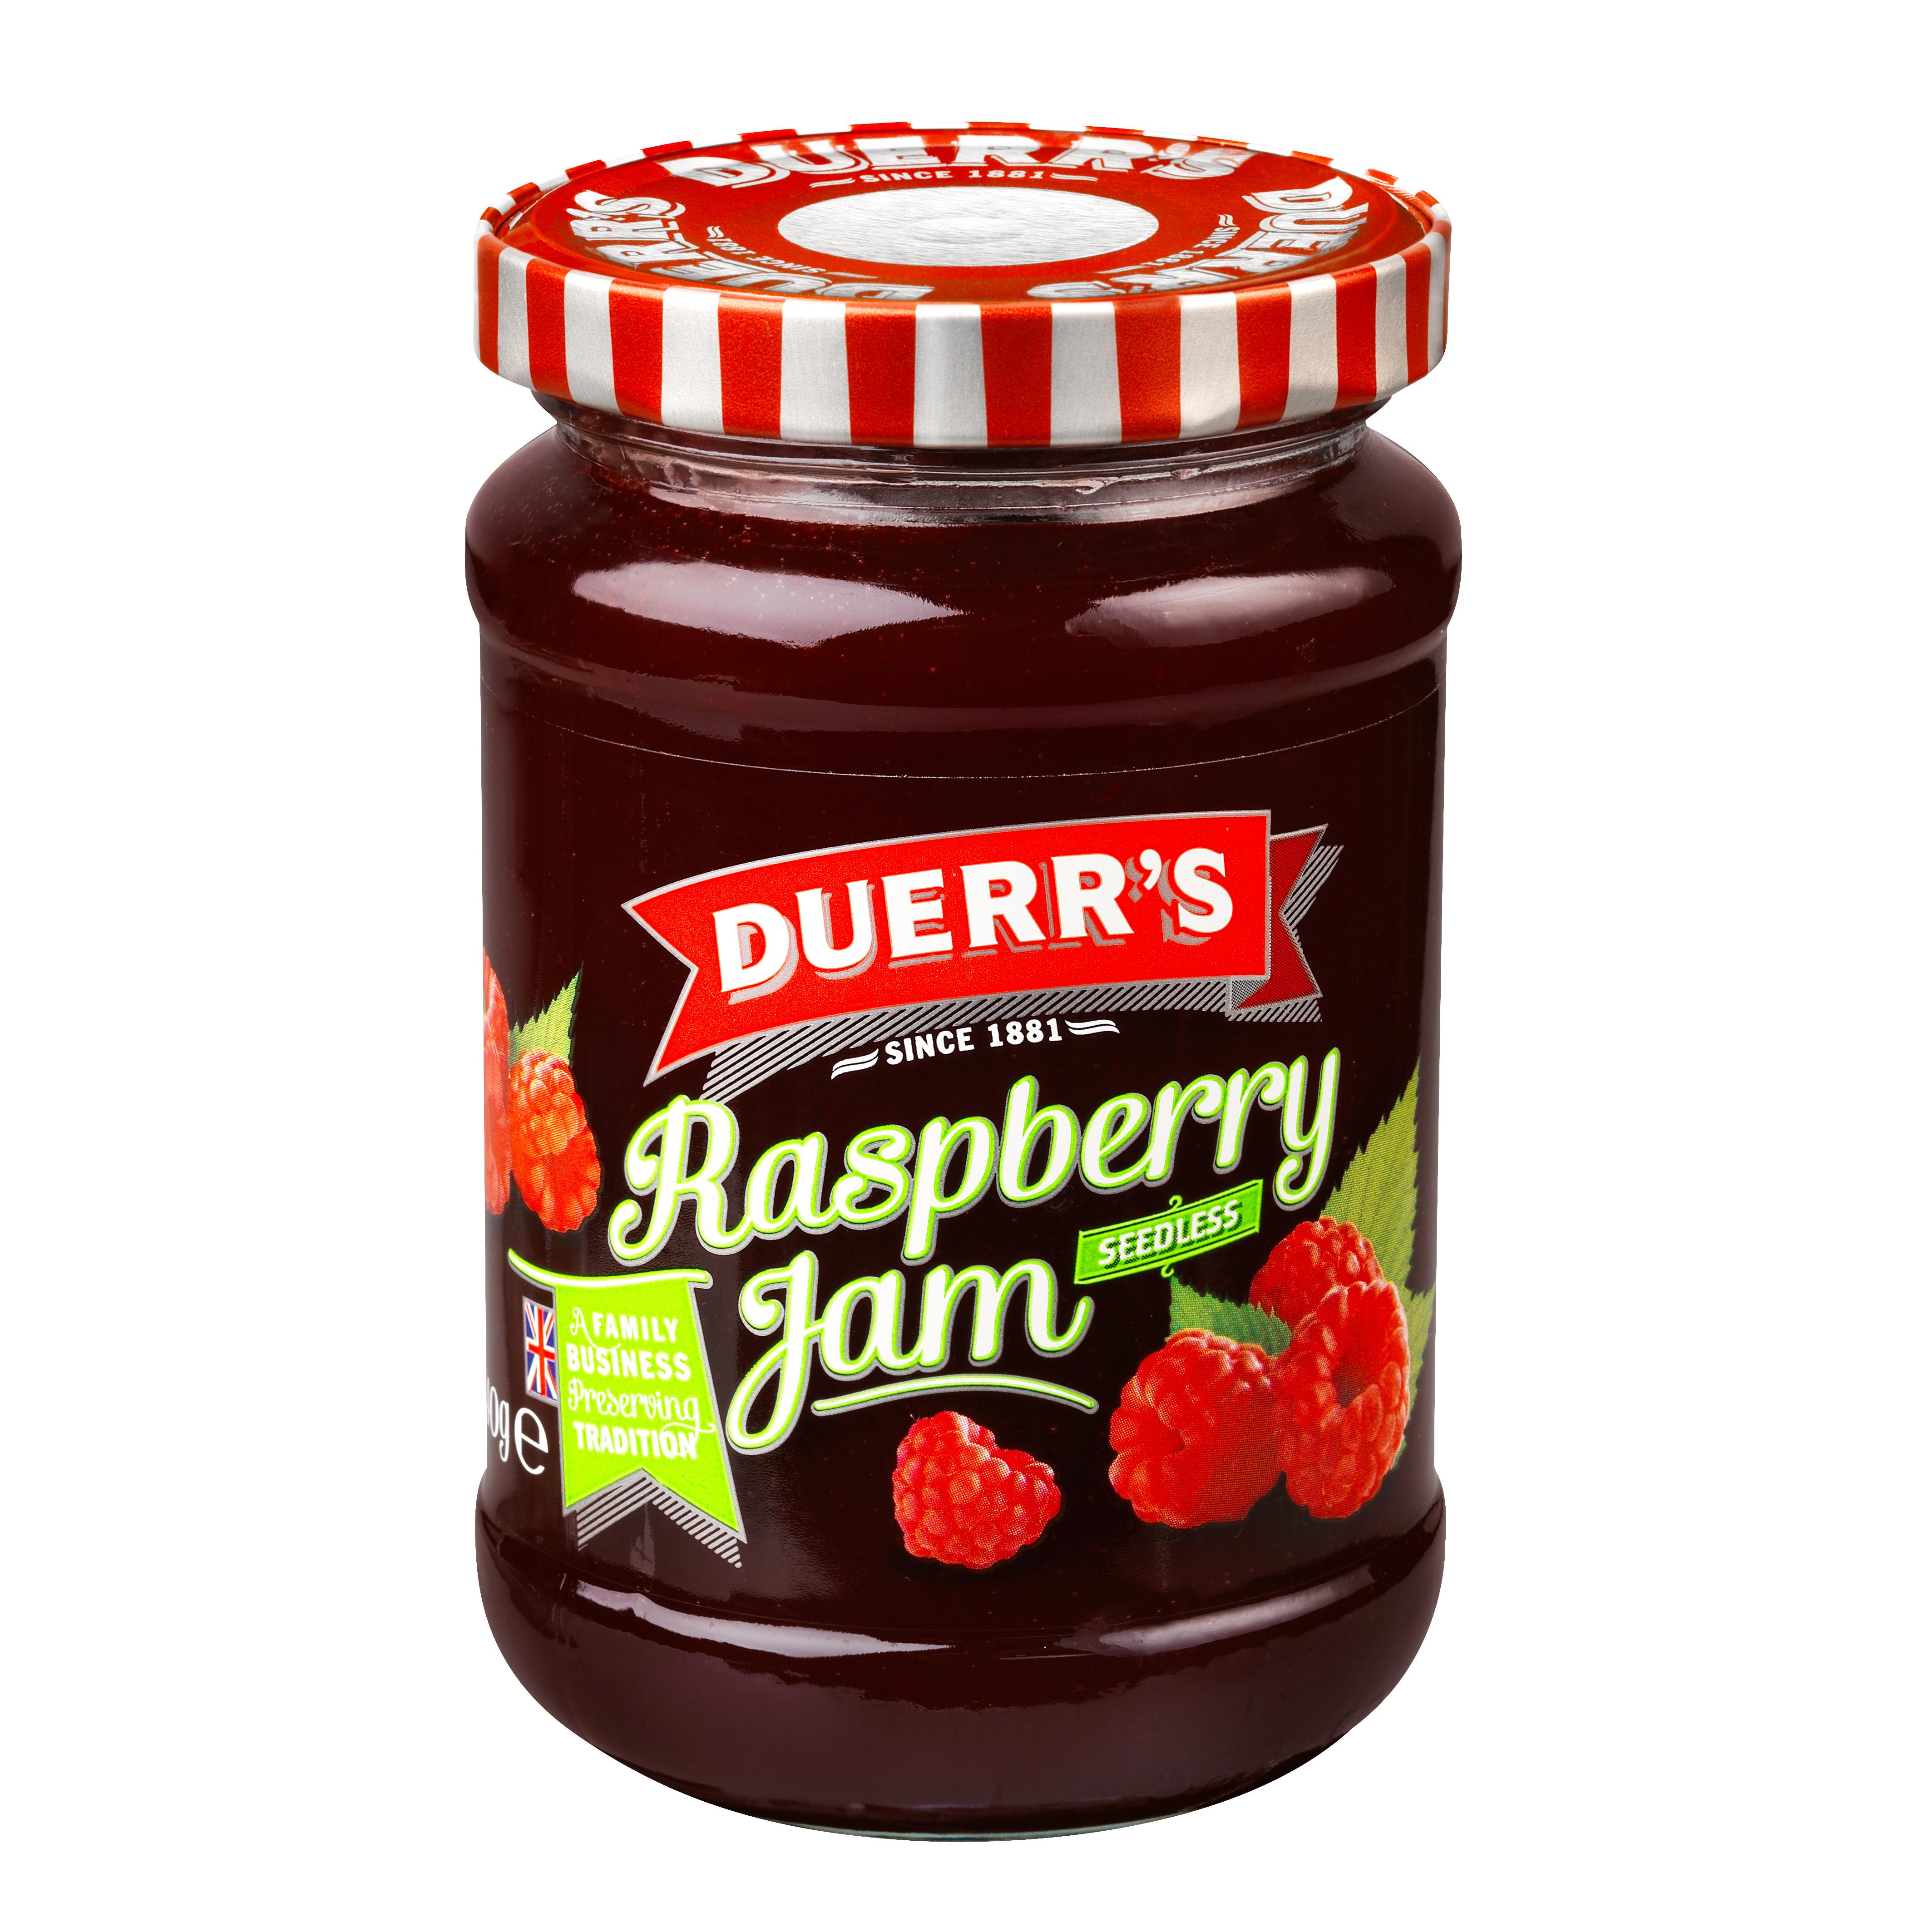 Seedless Raspberry Jam Duerr Sduerr S